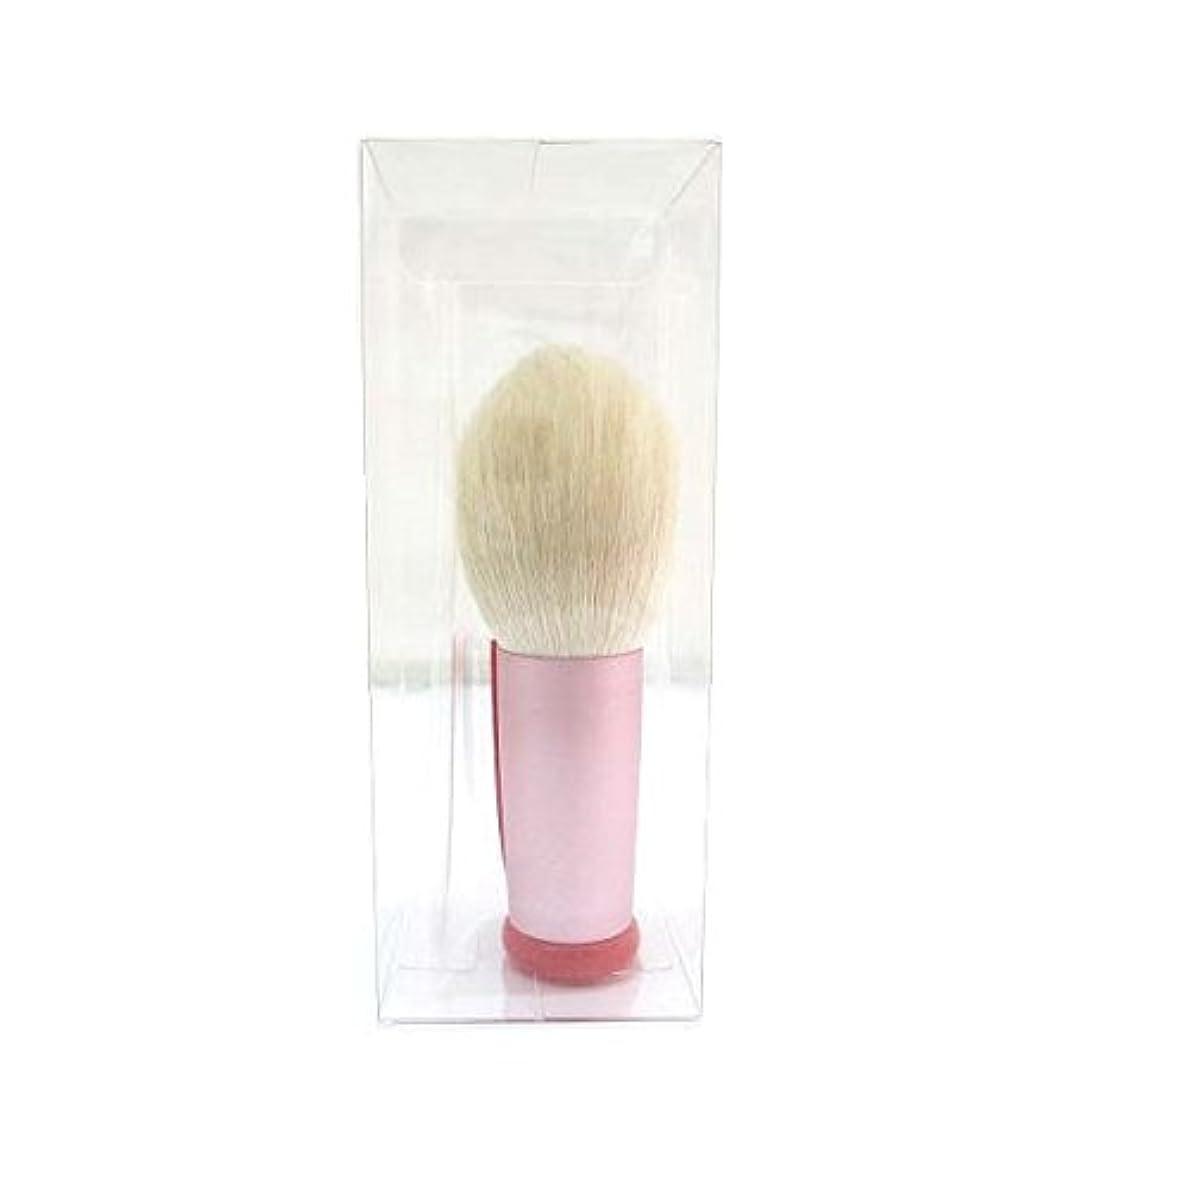 心臓に向かって武器広島熊野筆 フォーミング洗顔ブラシ(ピンク)